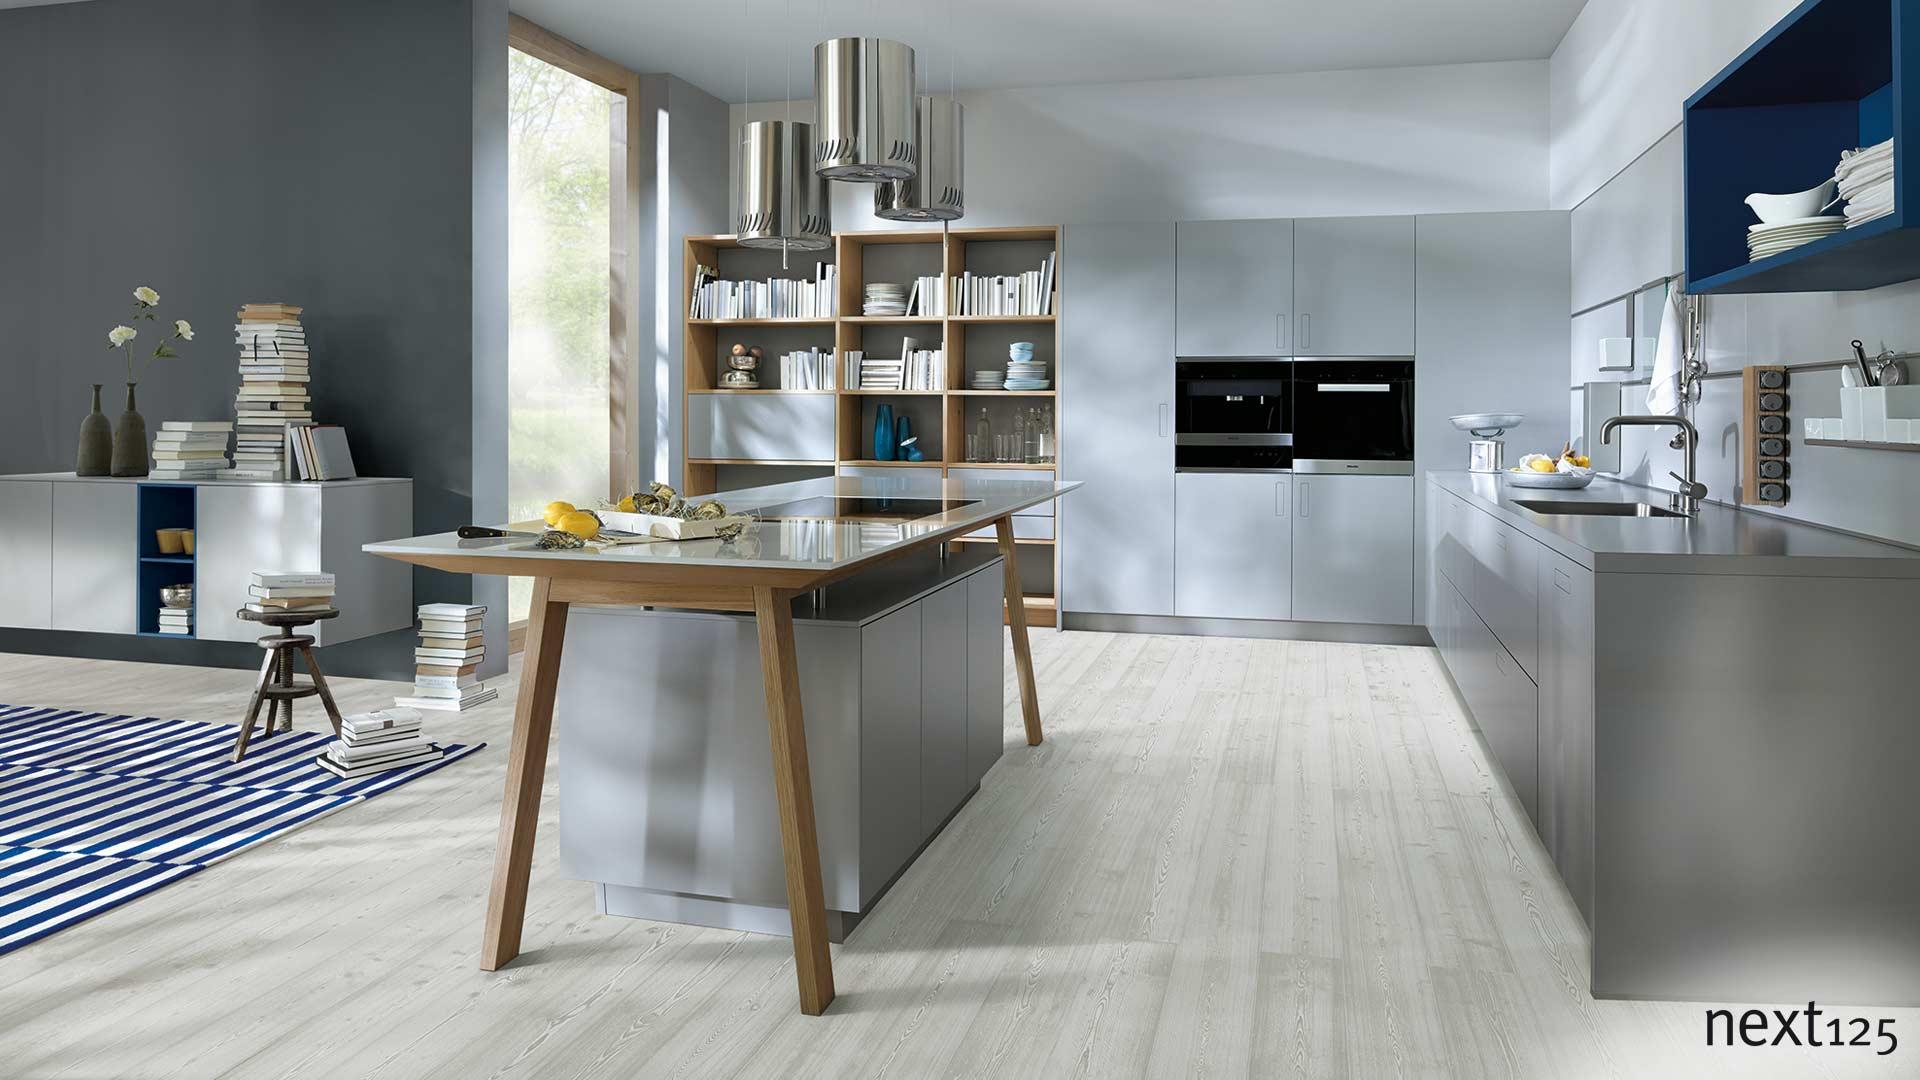 Küchen Kiel next125 küchen in neumünster möbel schulz bad segeberg kiel